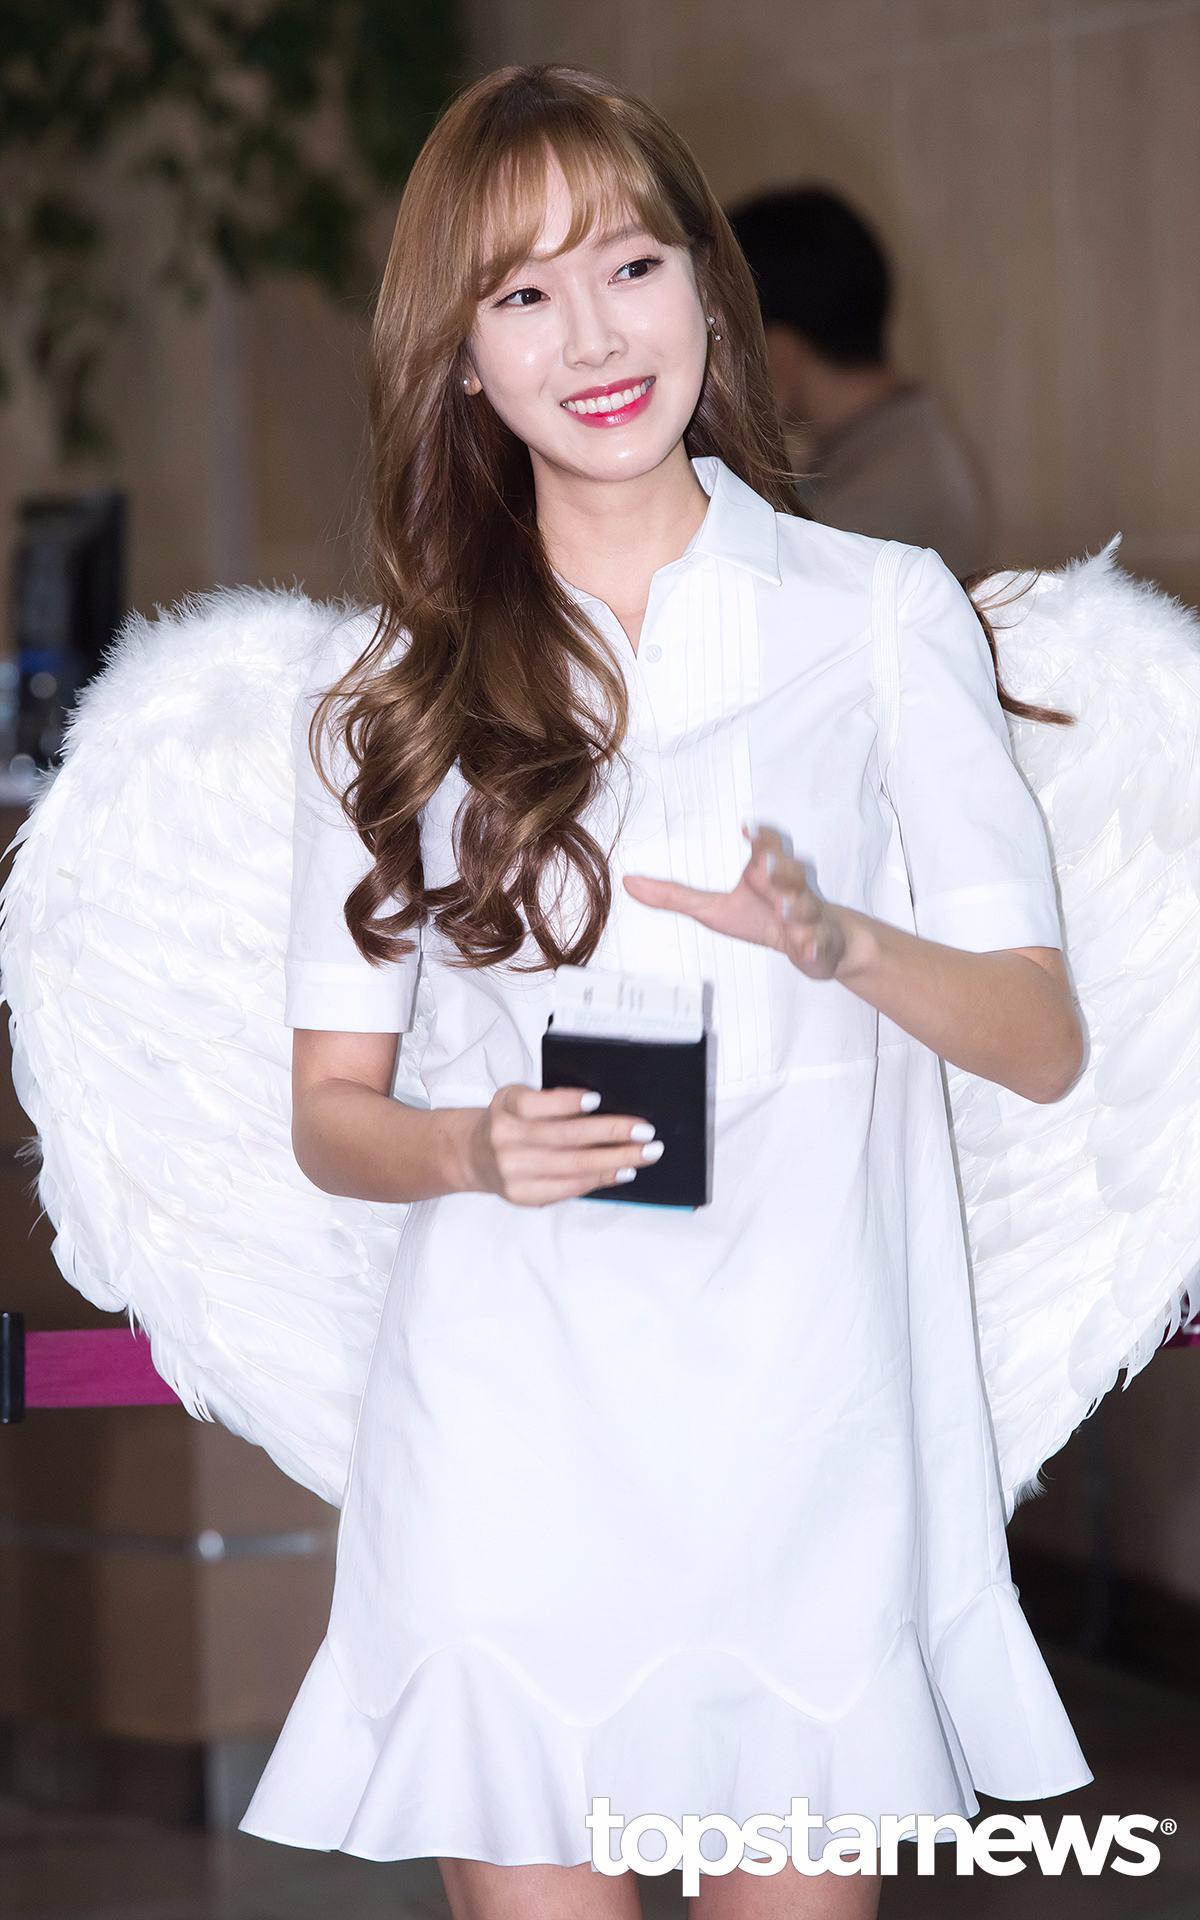 不久前發行新專輯得到好成績的Jessica,也說過如果新歌音源拿到一位,就會在前往中國的時候戴著翅膀亮相,之後也果然實現了這個一位公約。